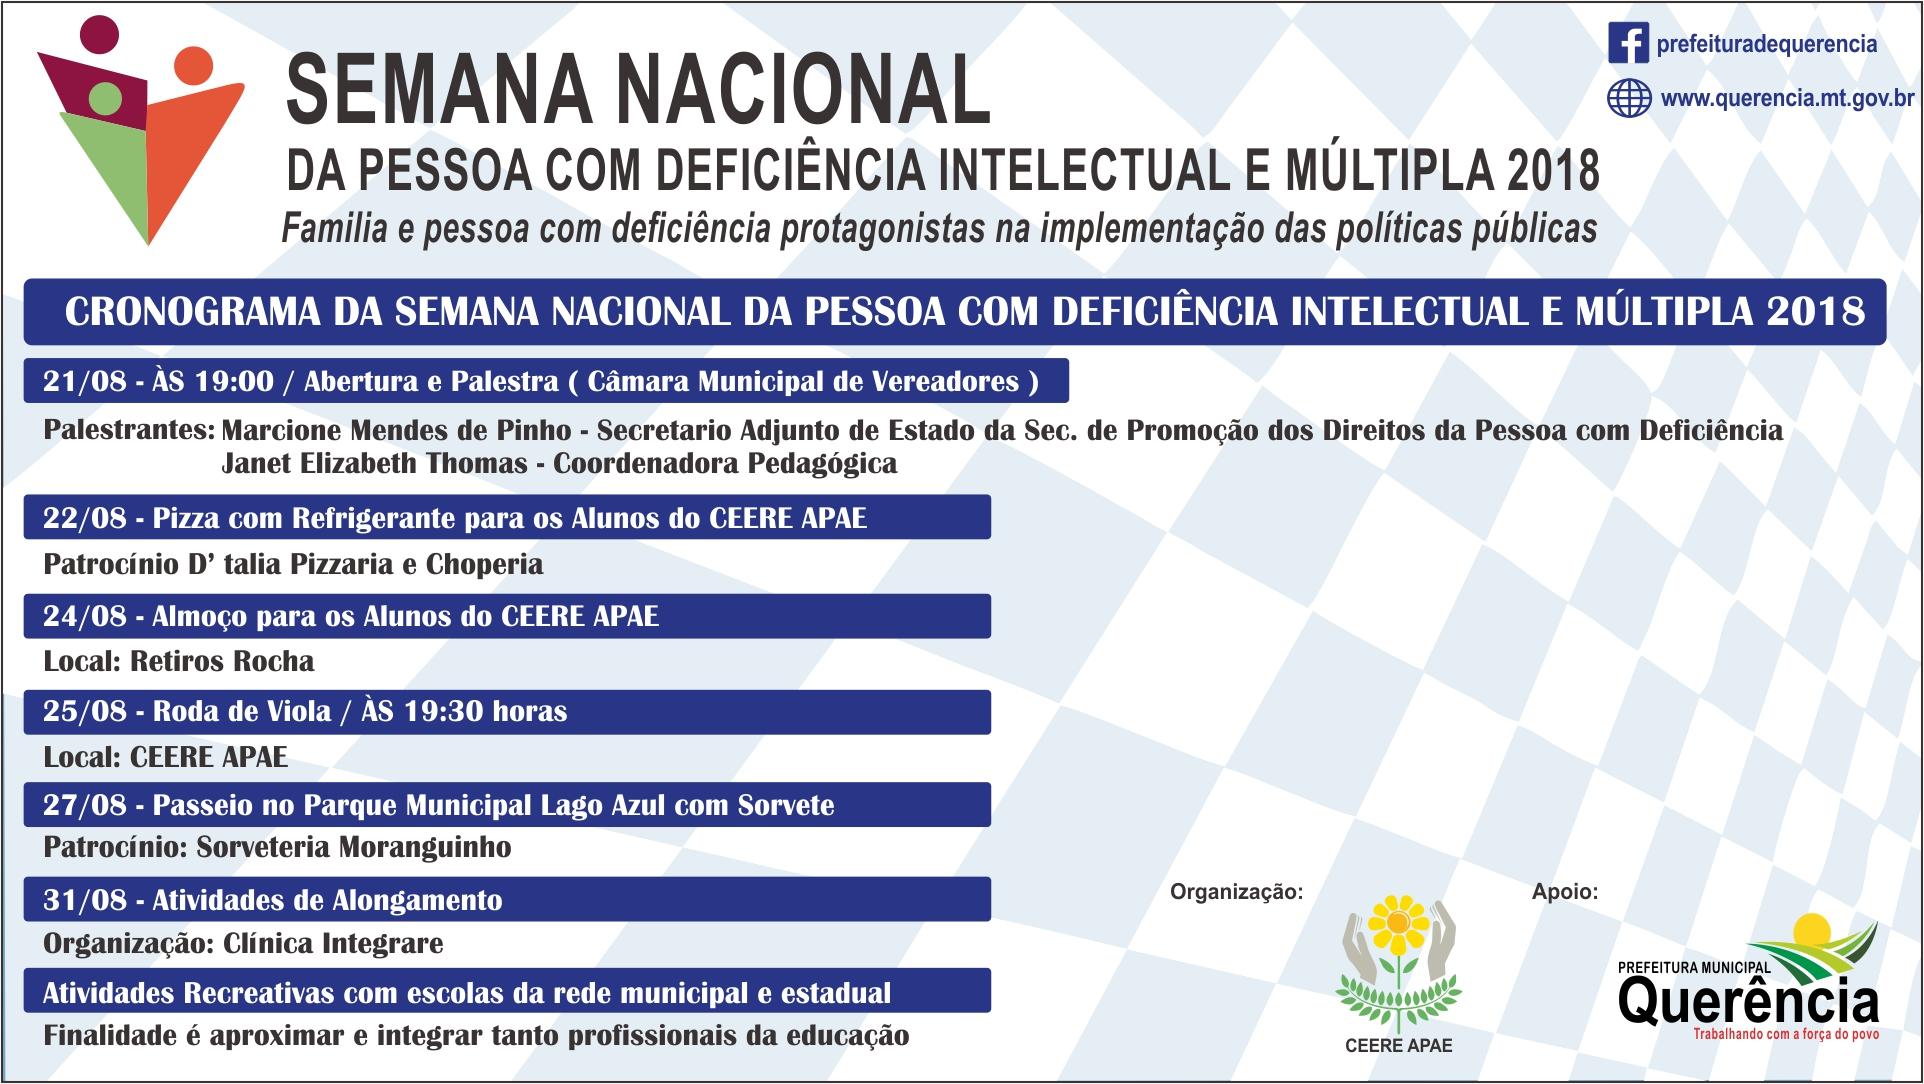 Semana Nacional da Pessoa com Deficiência Intelectual e Múltipla 2018 57ed90eedc